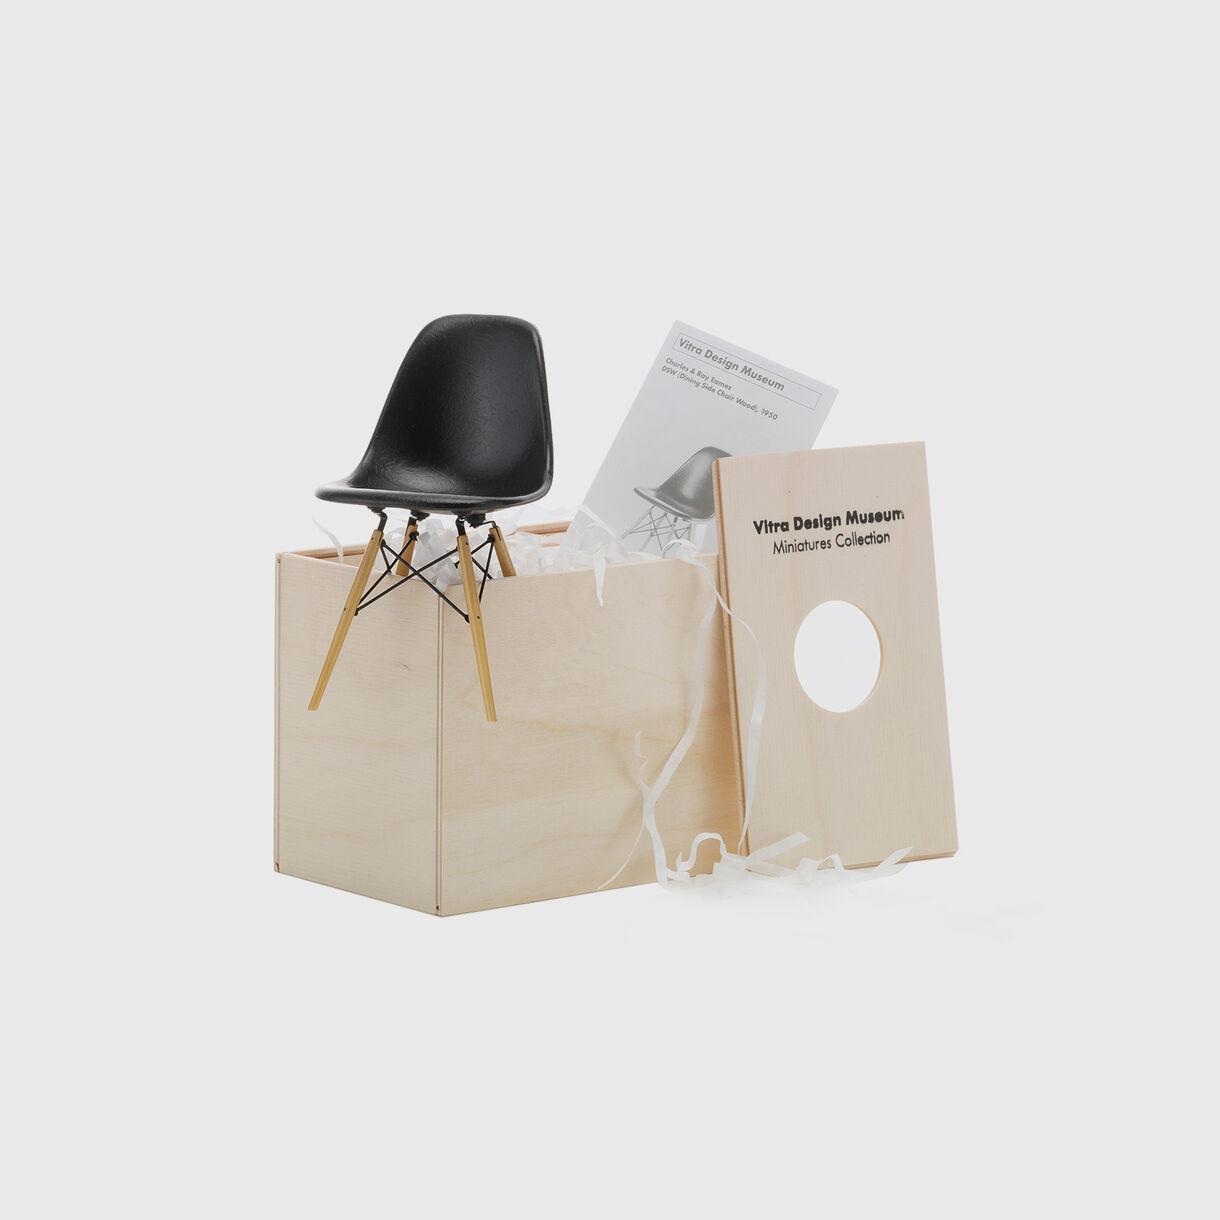 Miniature DSW with Box